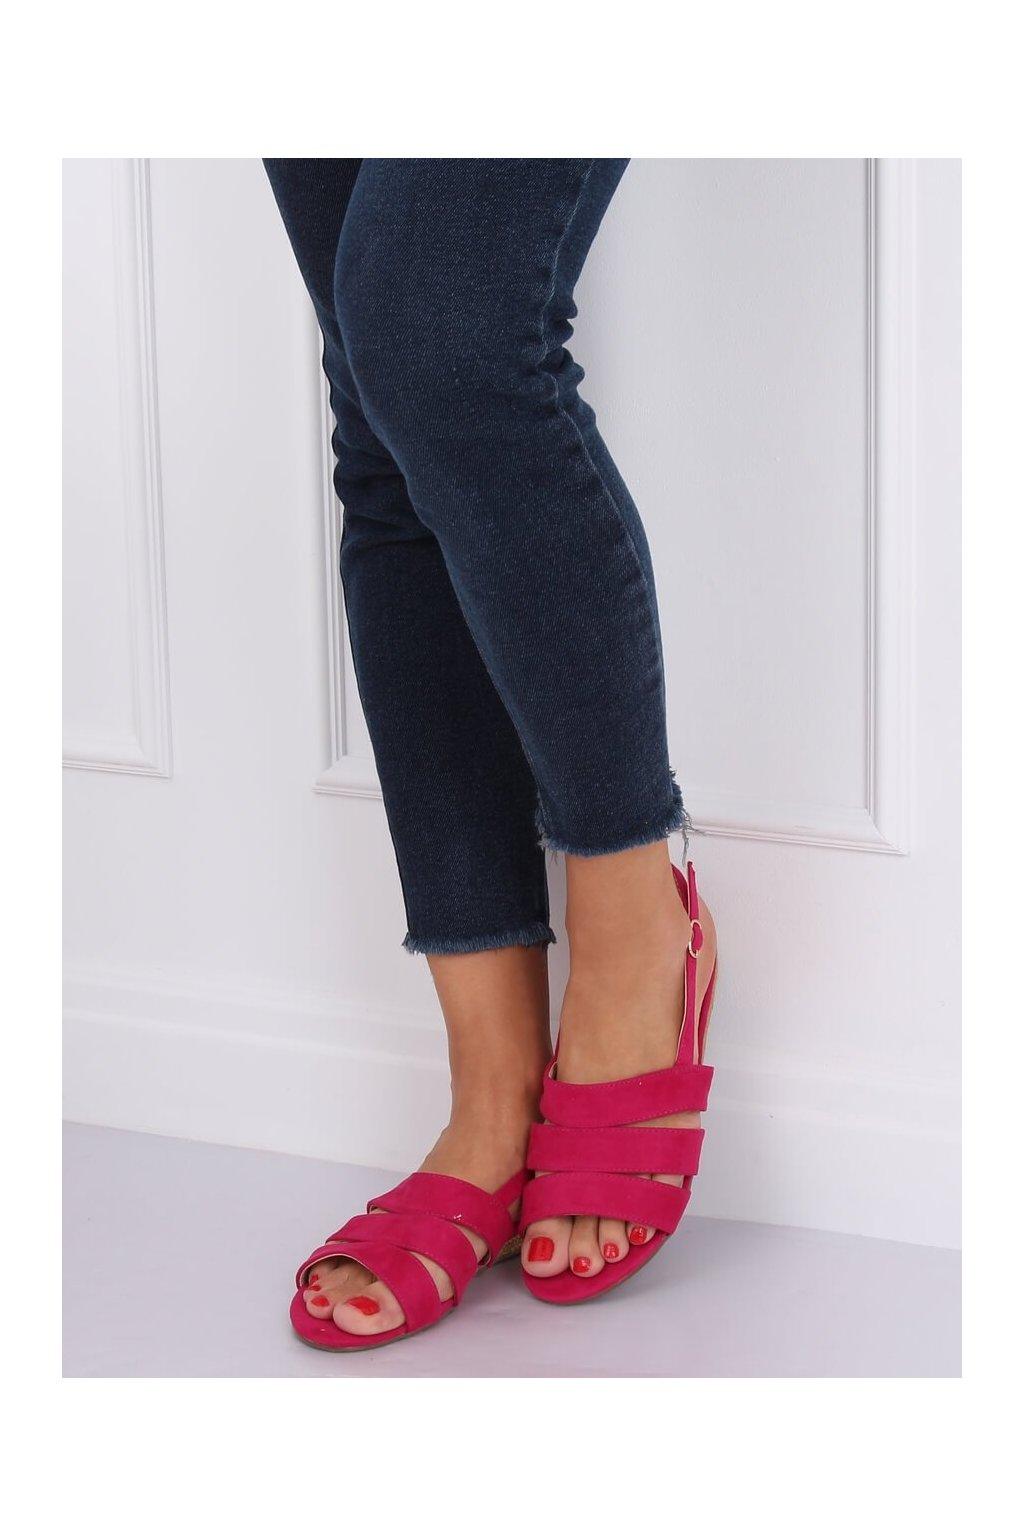 Dámske sandále s plochou podrážkou ružové na plochom podpätku 9291